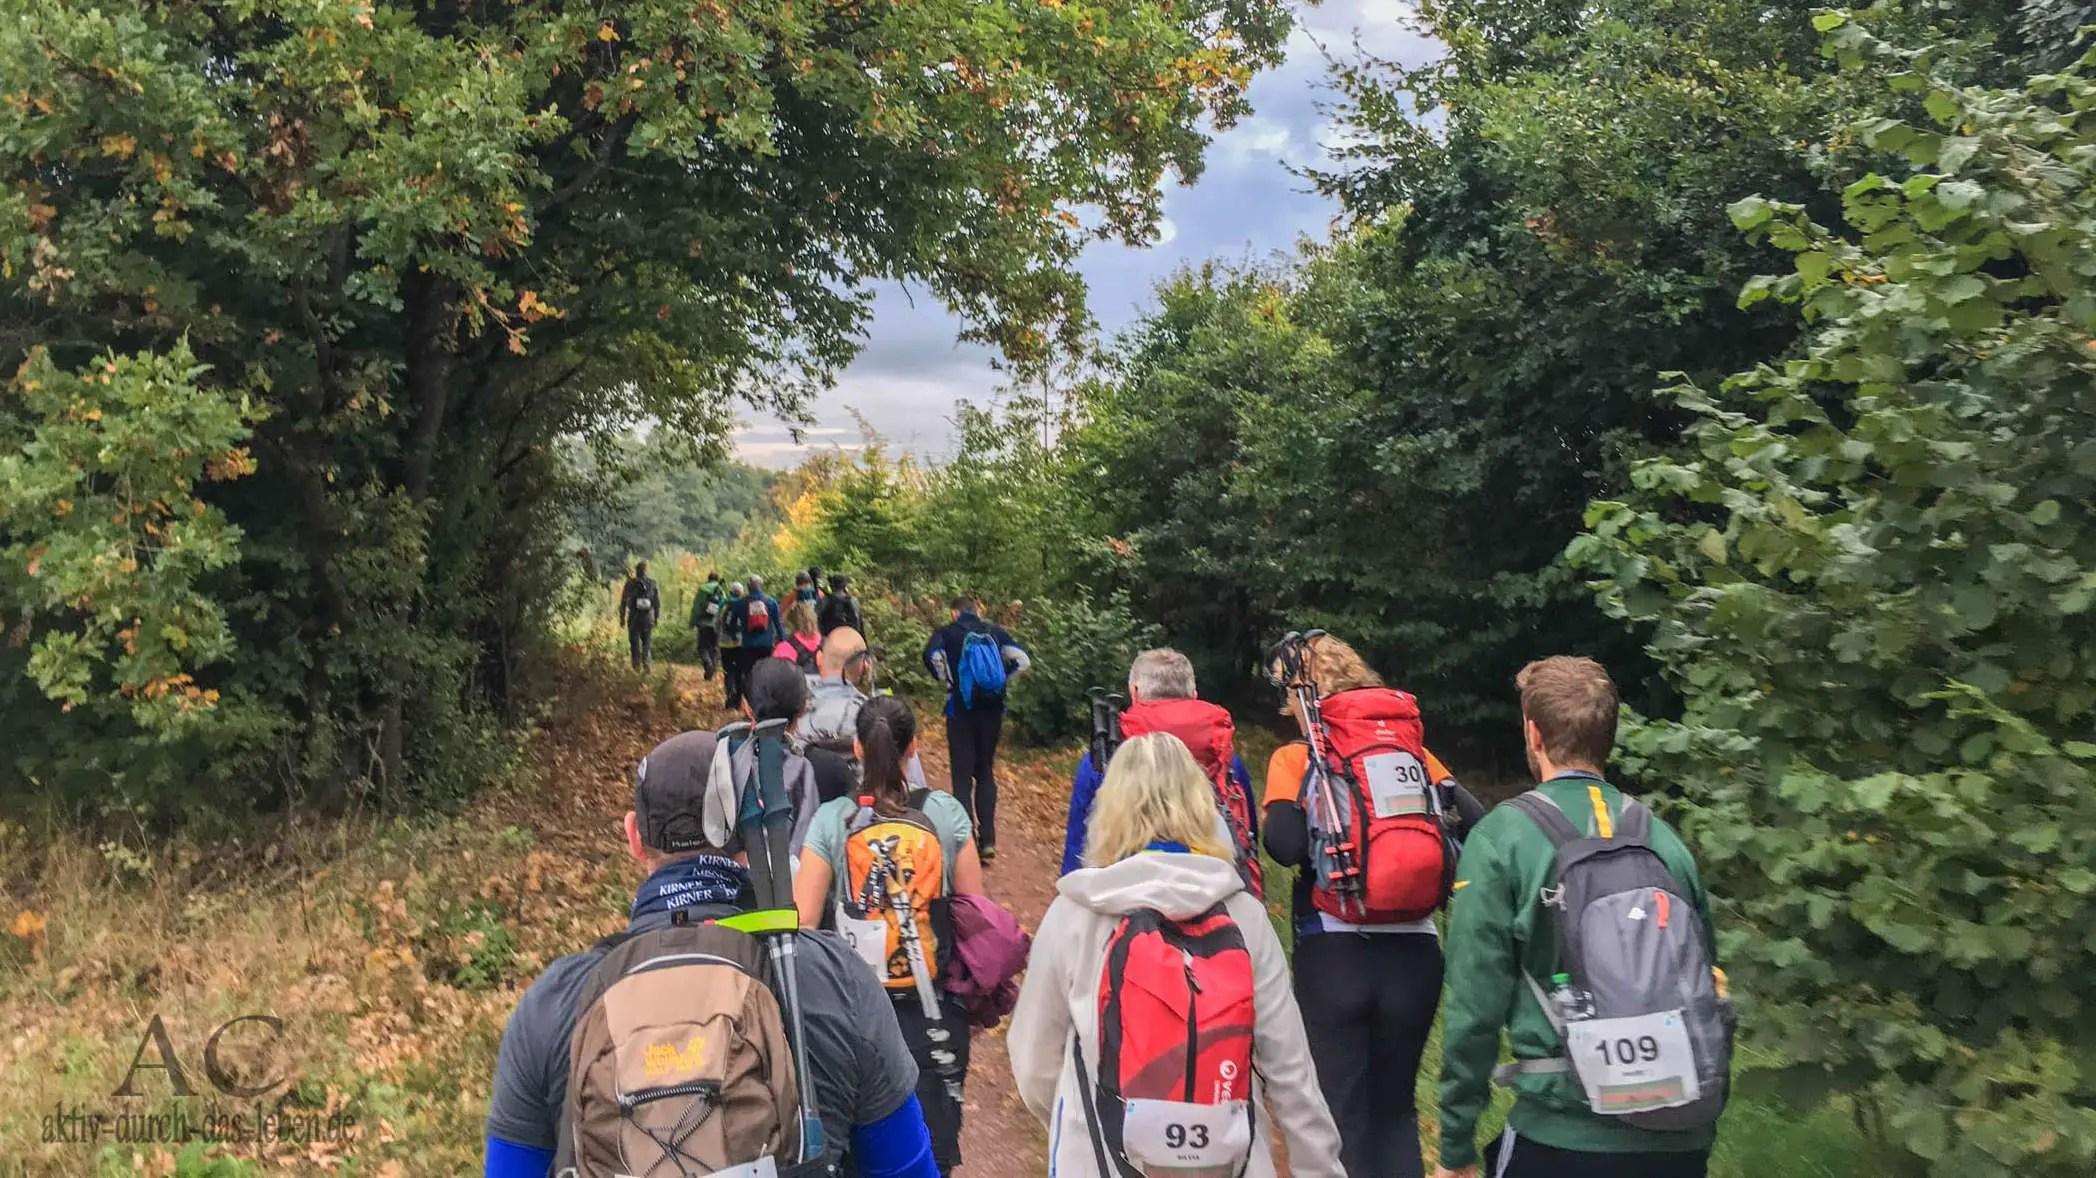 GRENZGÄNGER 2017 – DAS 24h Wanderevent im Saarschleifenland